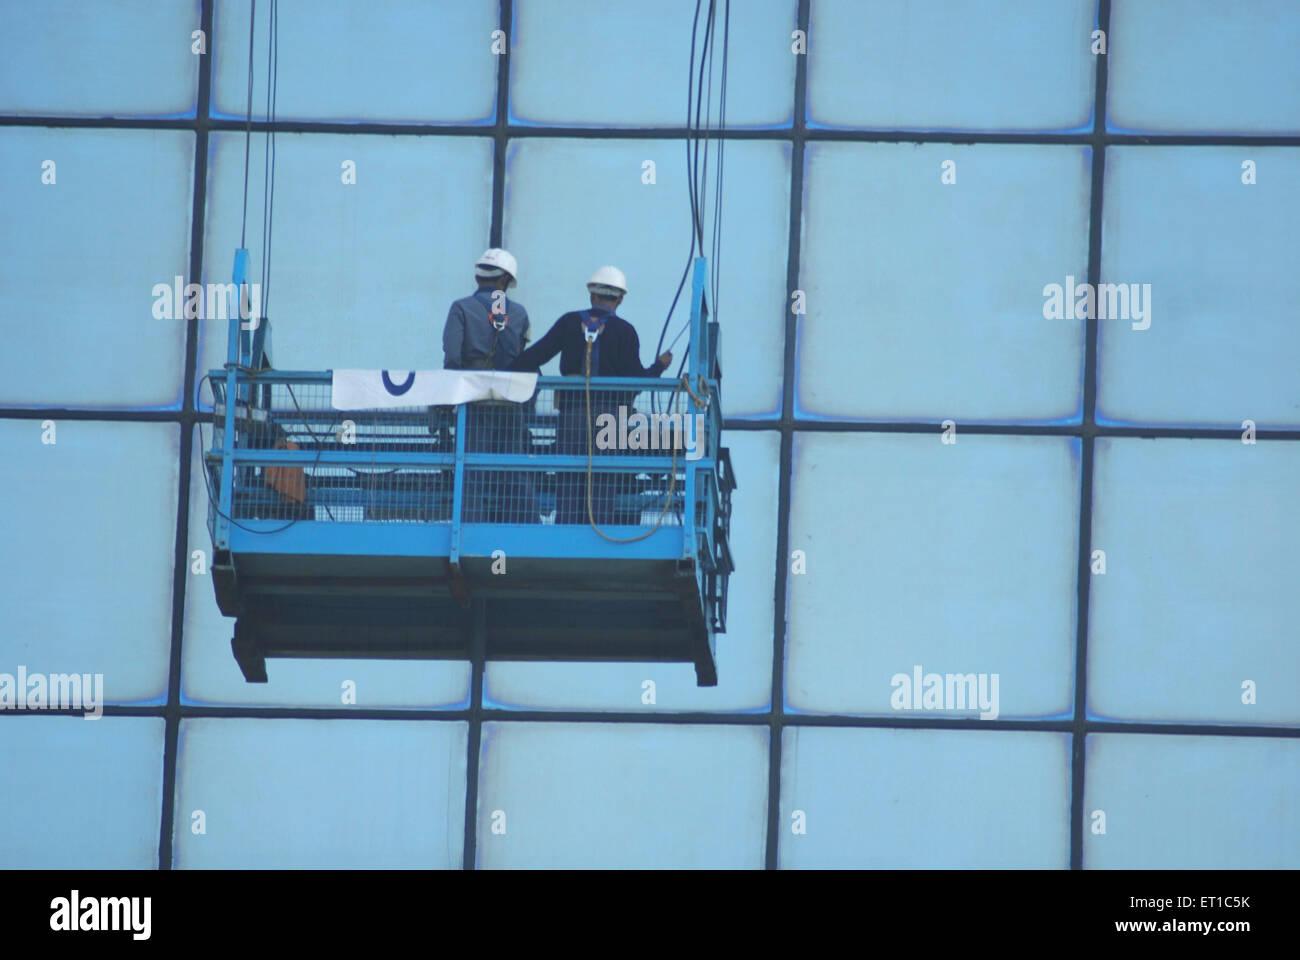 Les hommes de verre nettoyage; windows; Inde New Delhi Photo Stock